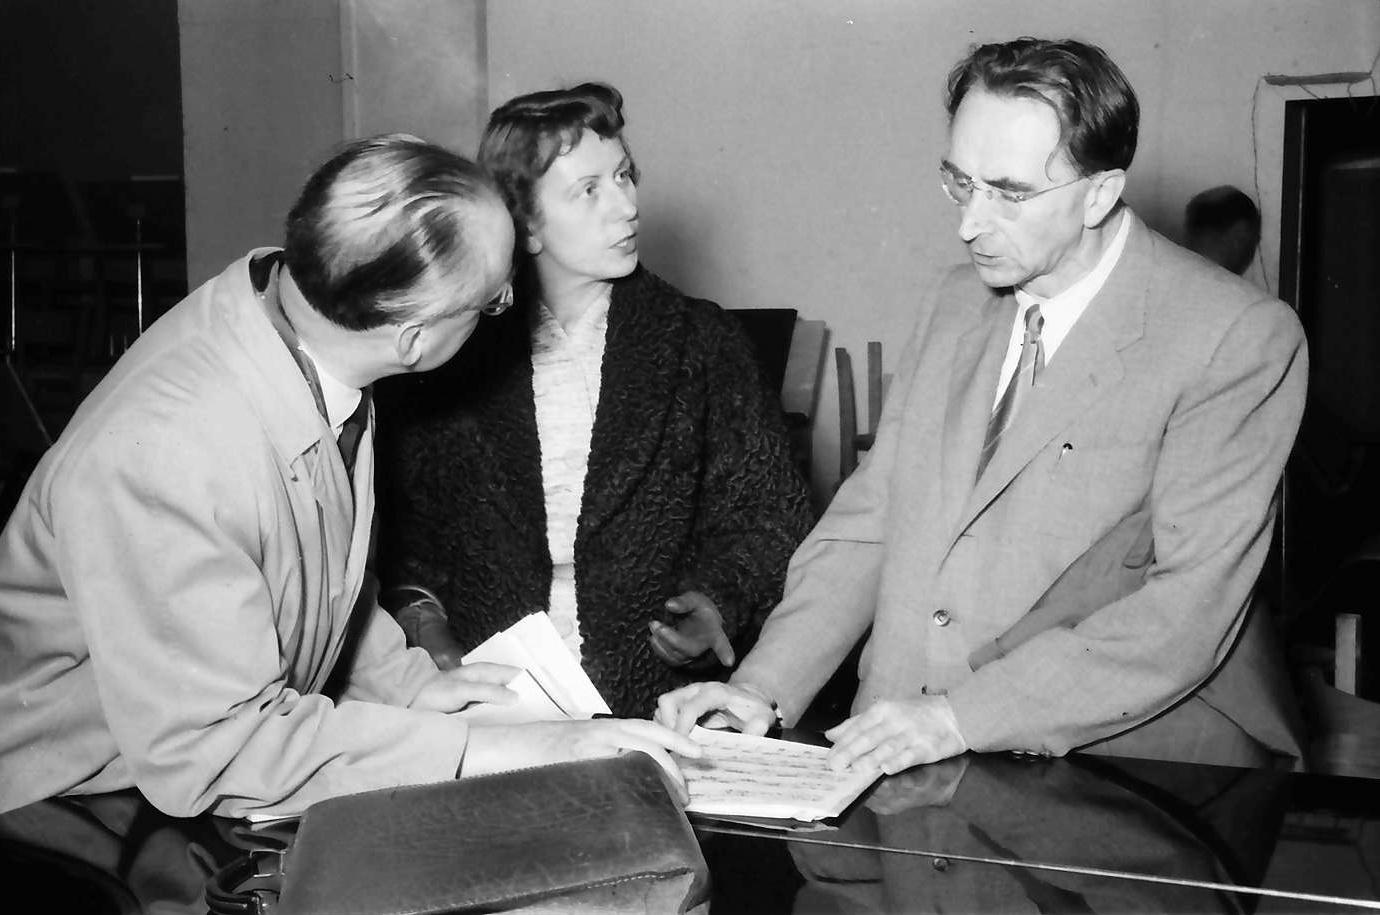 Maria Bergmann avec Dr. Krüttge de la NWDR et Hans Rosbaud,  17 octobre 1954, Donaueschinger Musiktage, photographe: Willy Pragher, Landesarchiv Baden-Württemberg, Staatsarchiv Freiburg, Signatur: W 134 Nr. 039523a, cliquer pour voir l'original et plus d'infos